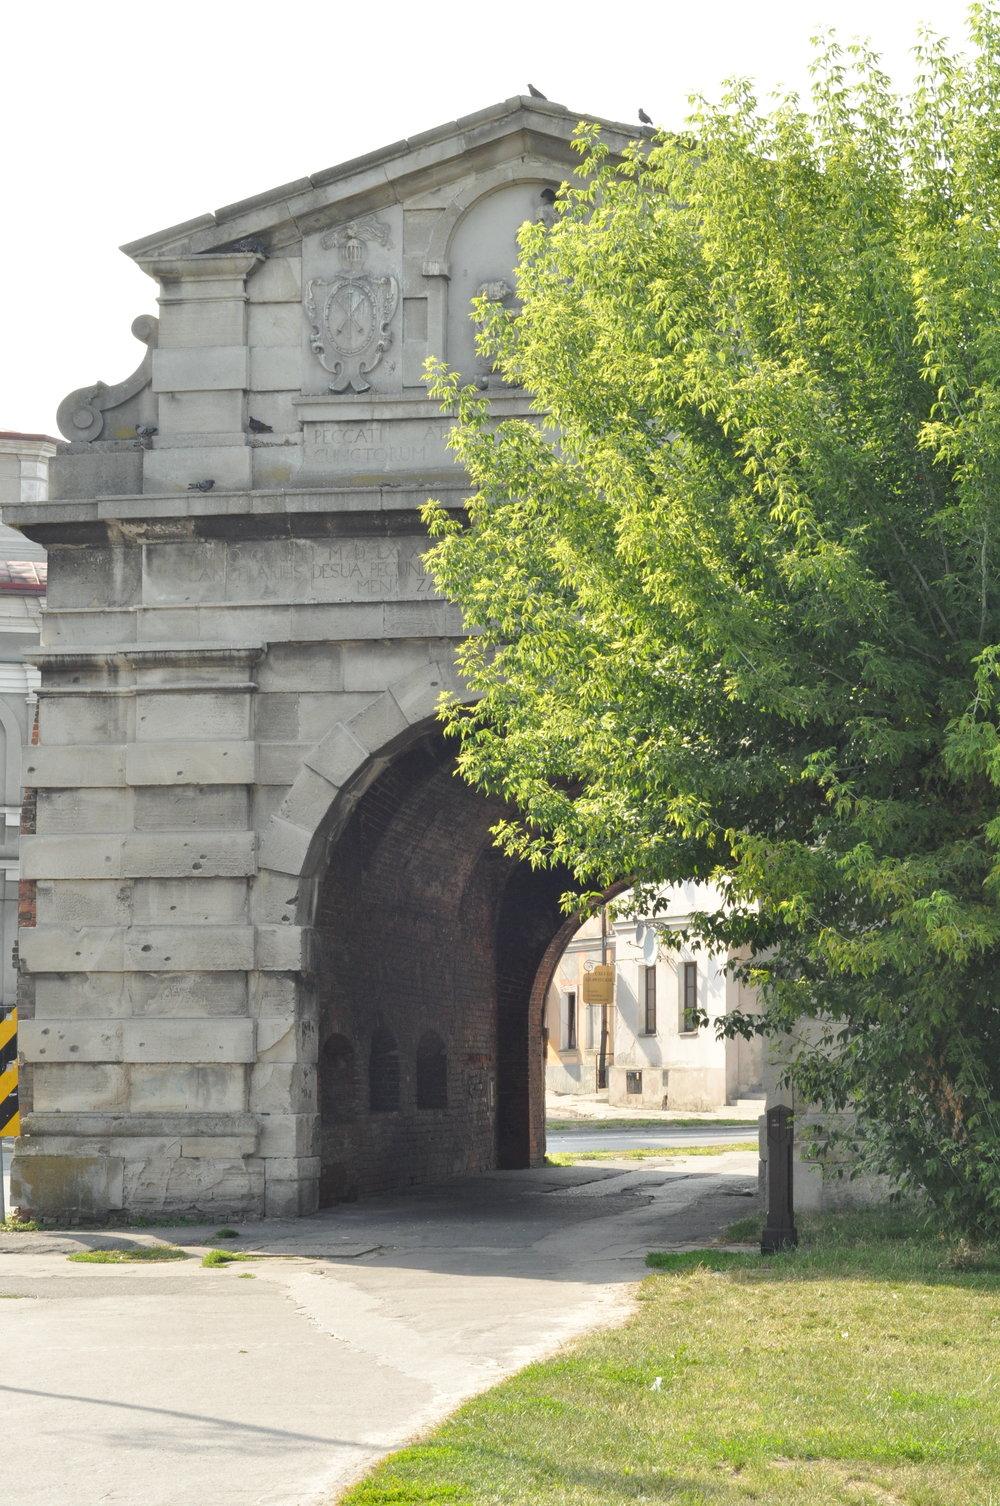 Old Lwow Gate in Zamość, Poland